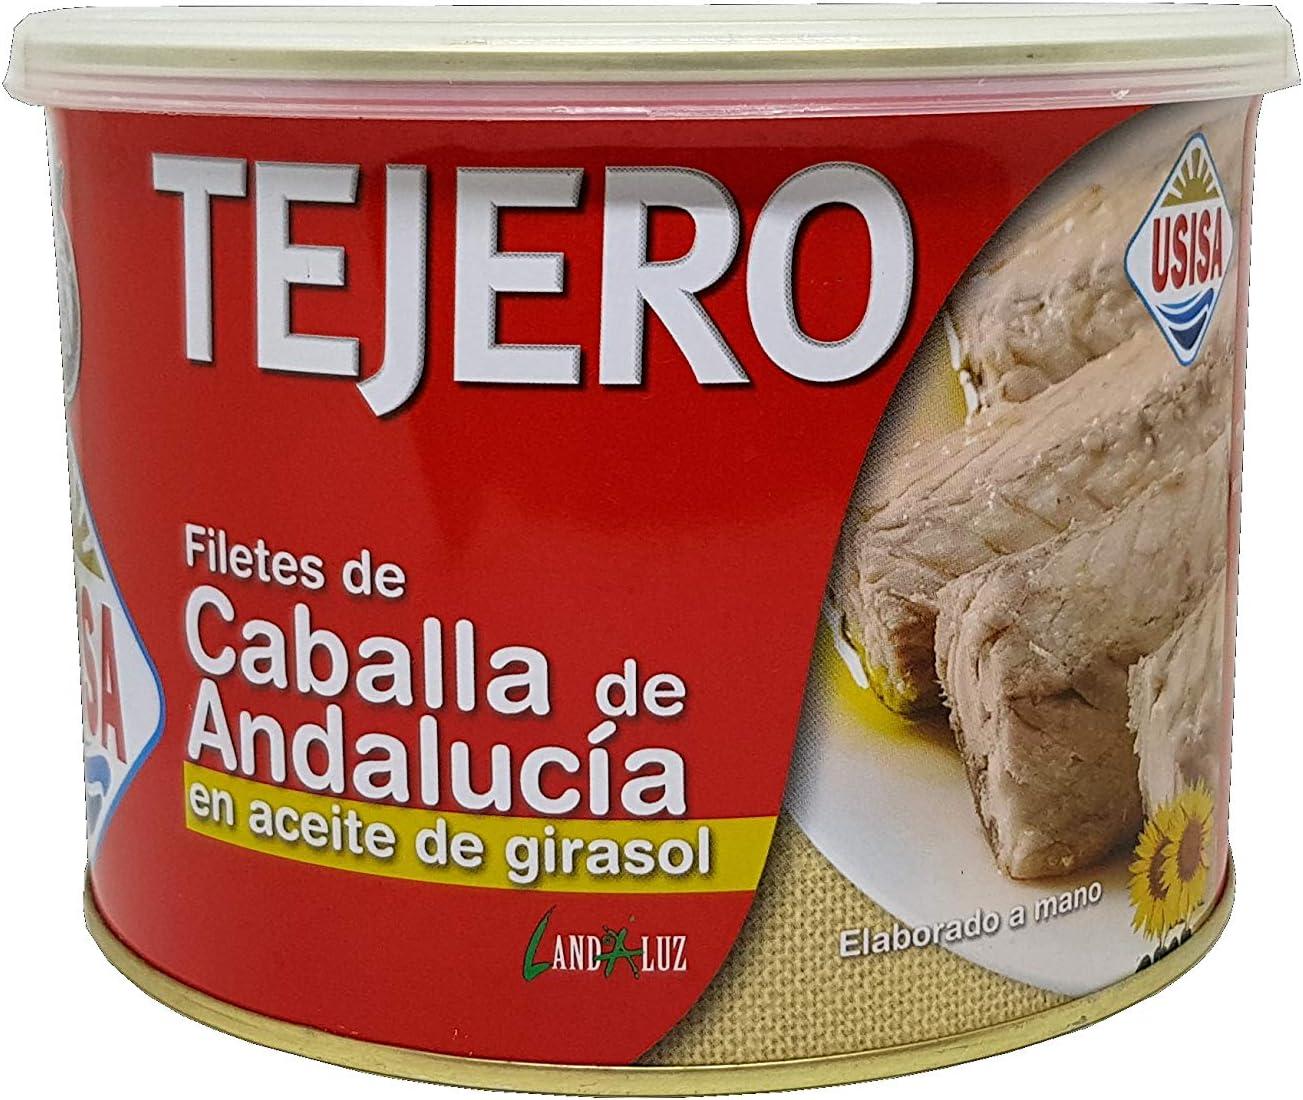 Tejero, Filetes de Caballa de Andalucia en aceite girasol - 1800 gr.